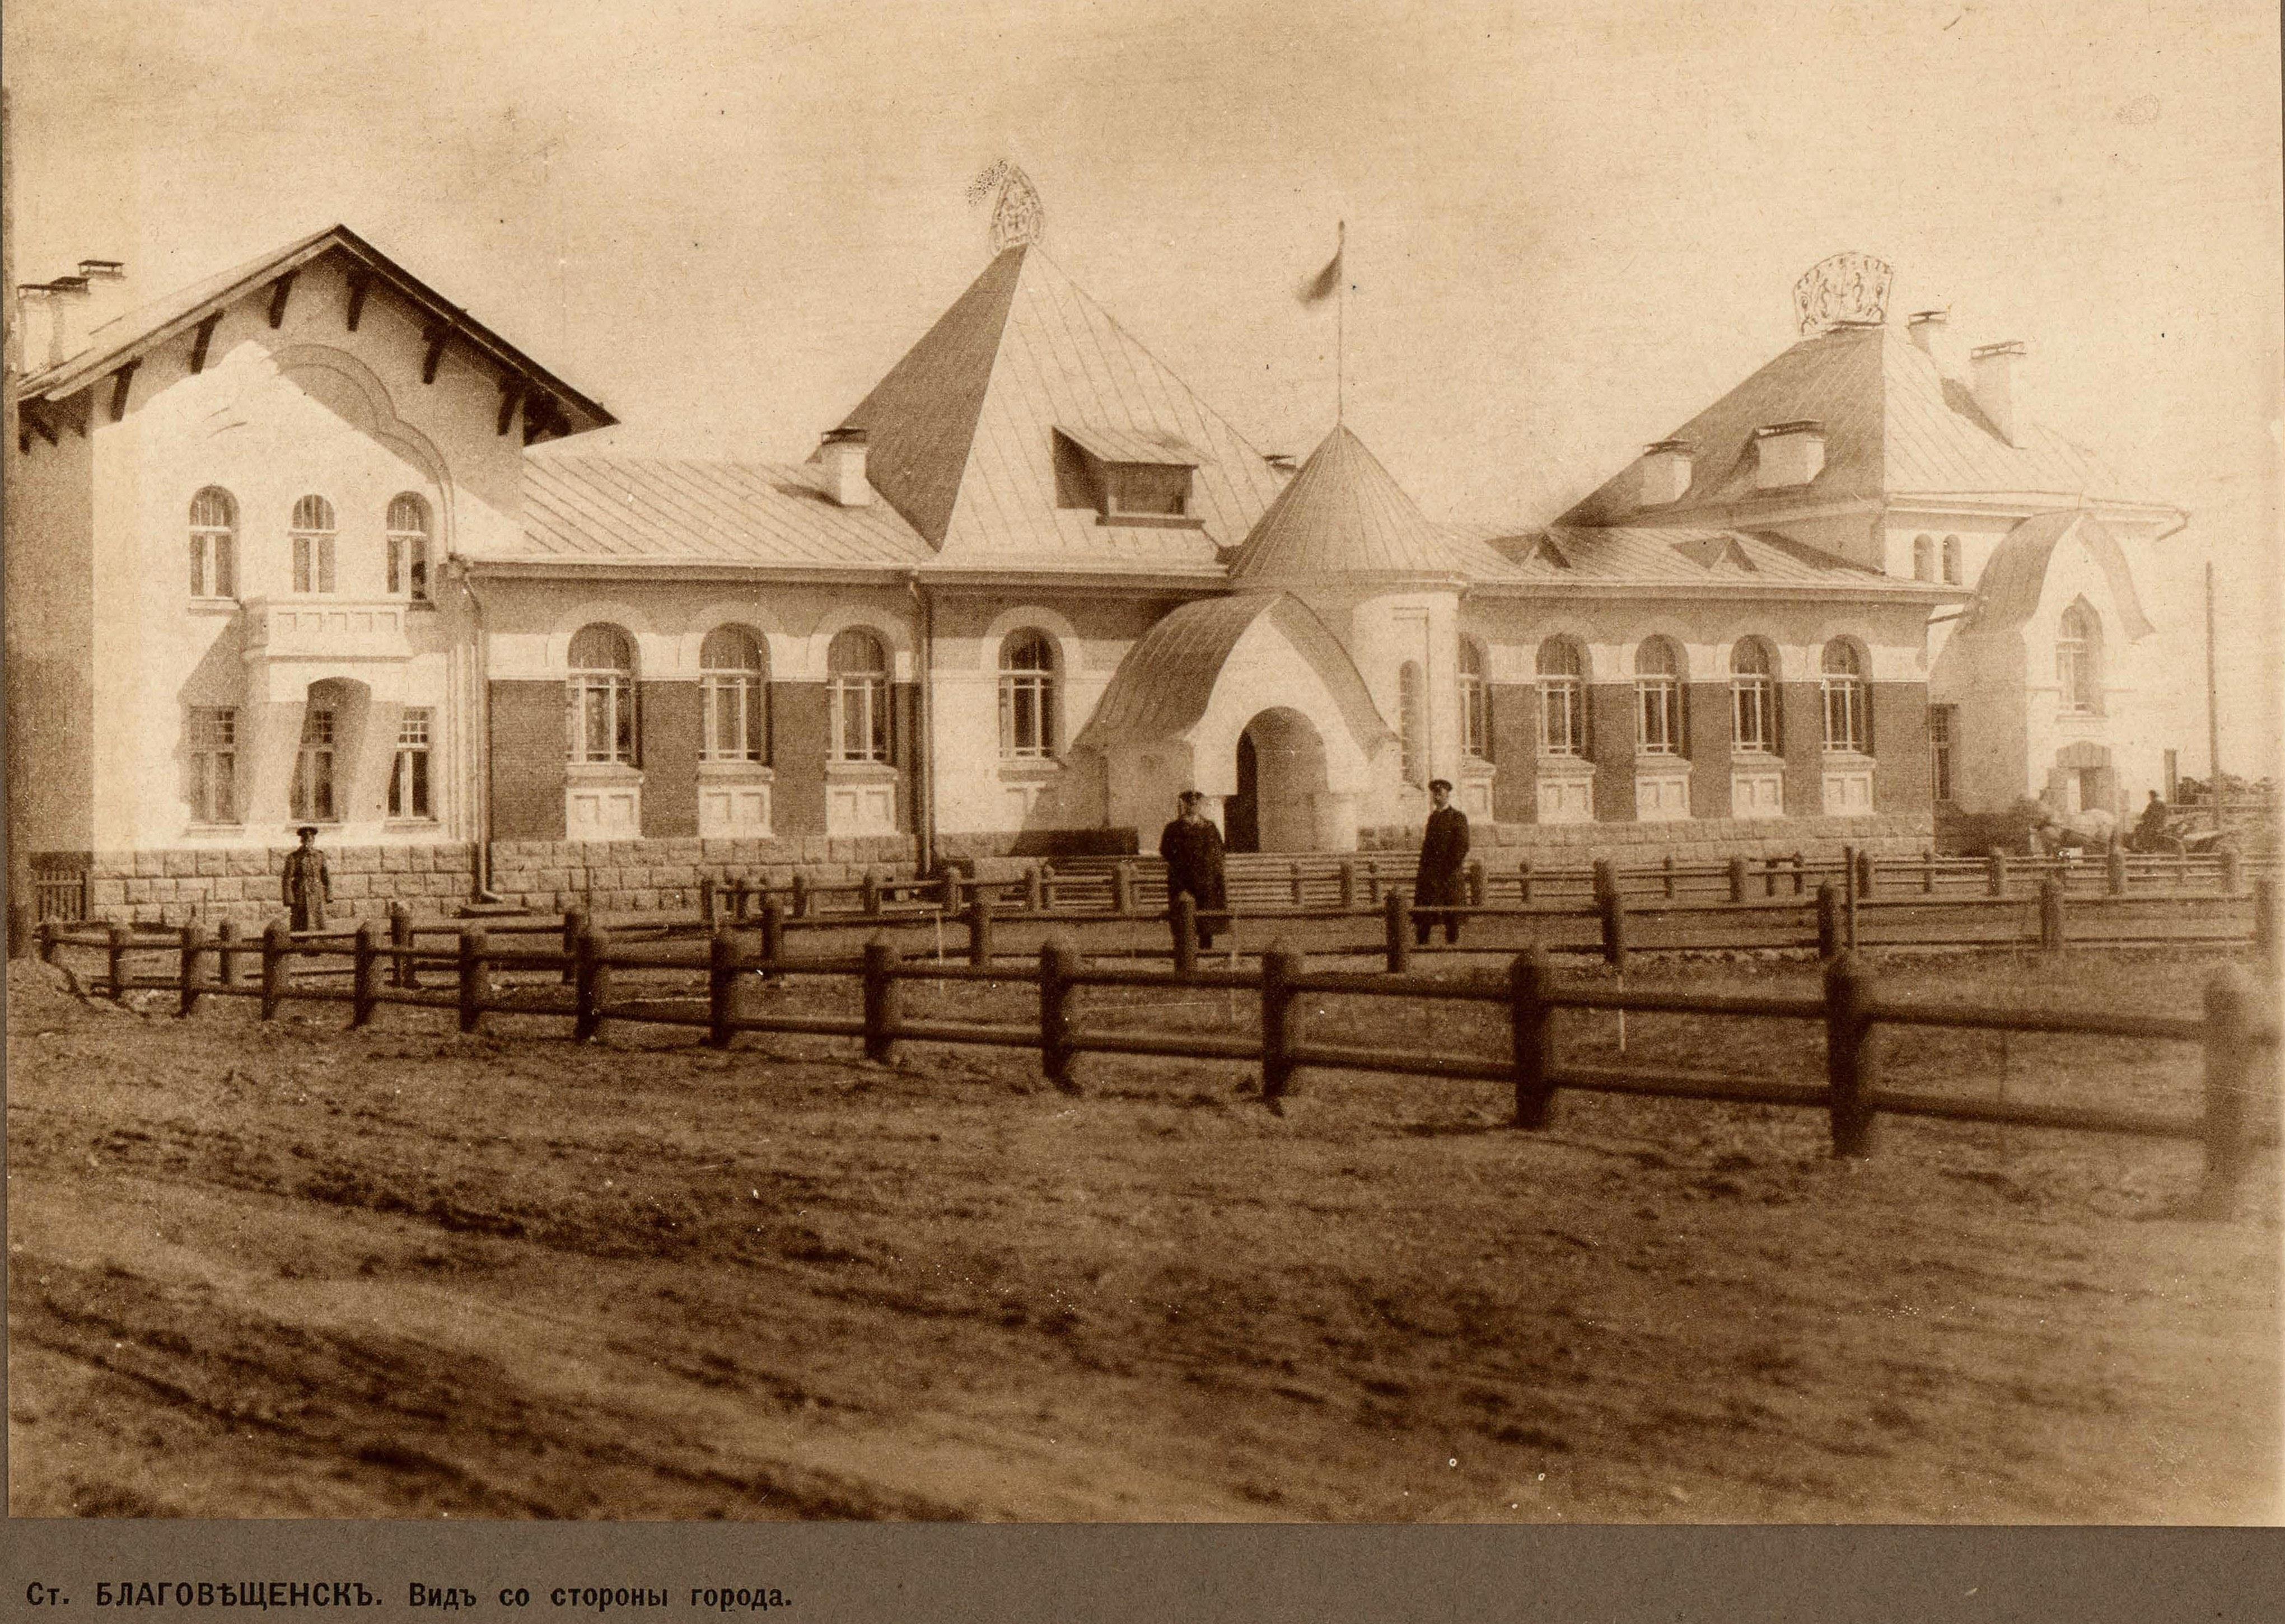 Станция Благовещенск. Вид со стороны города